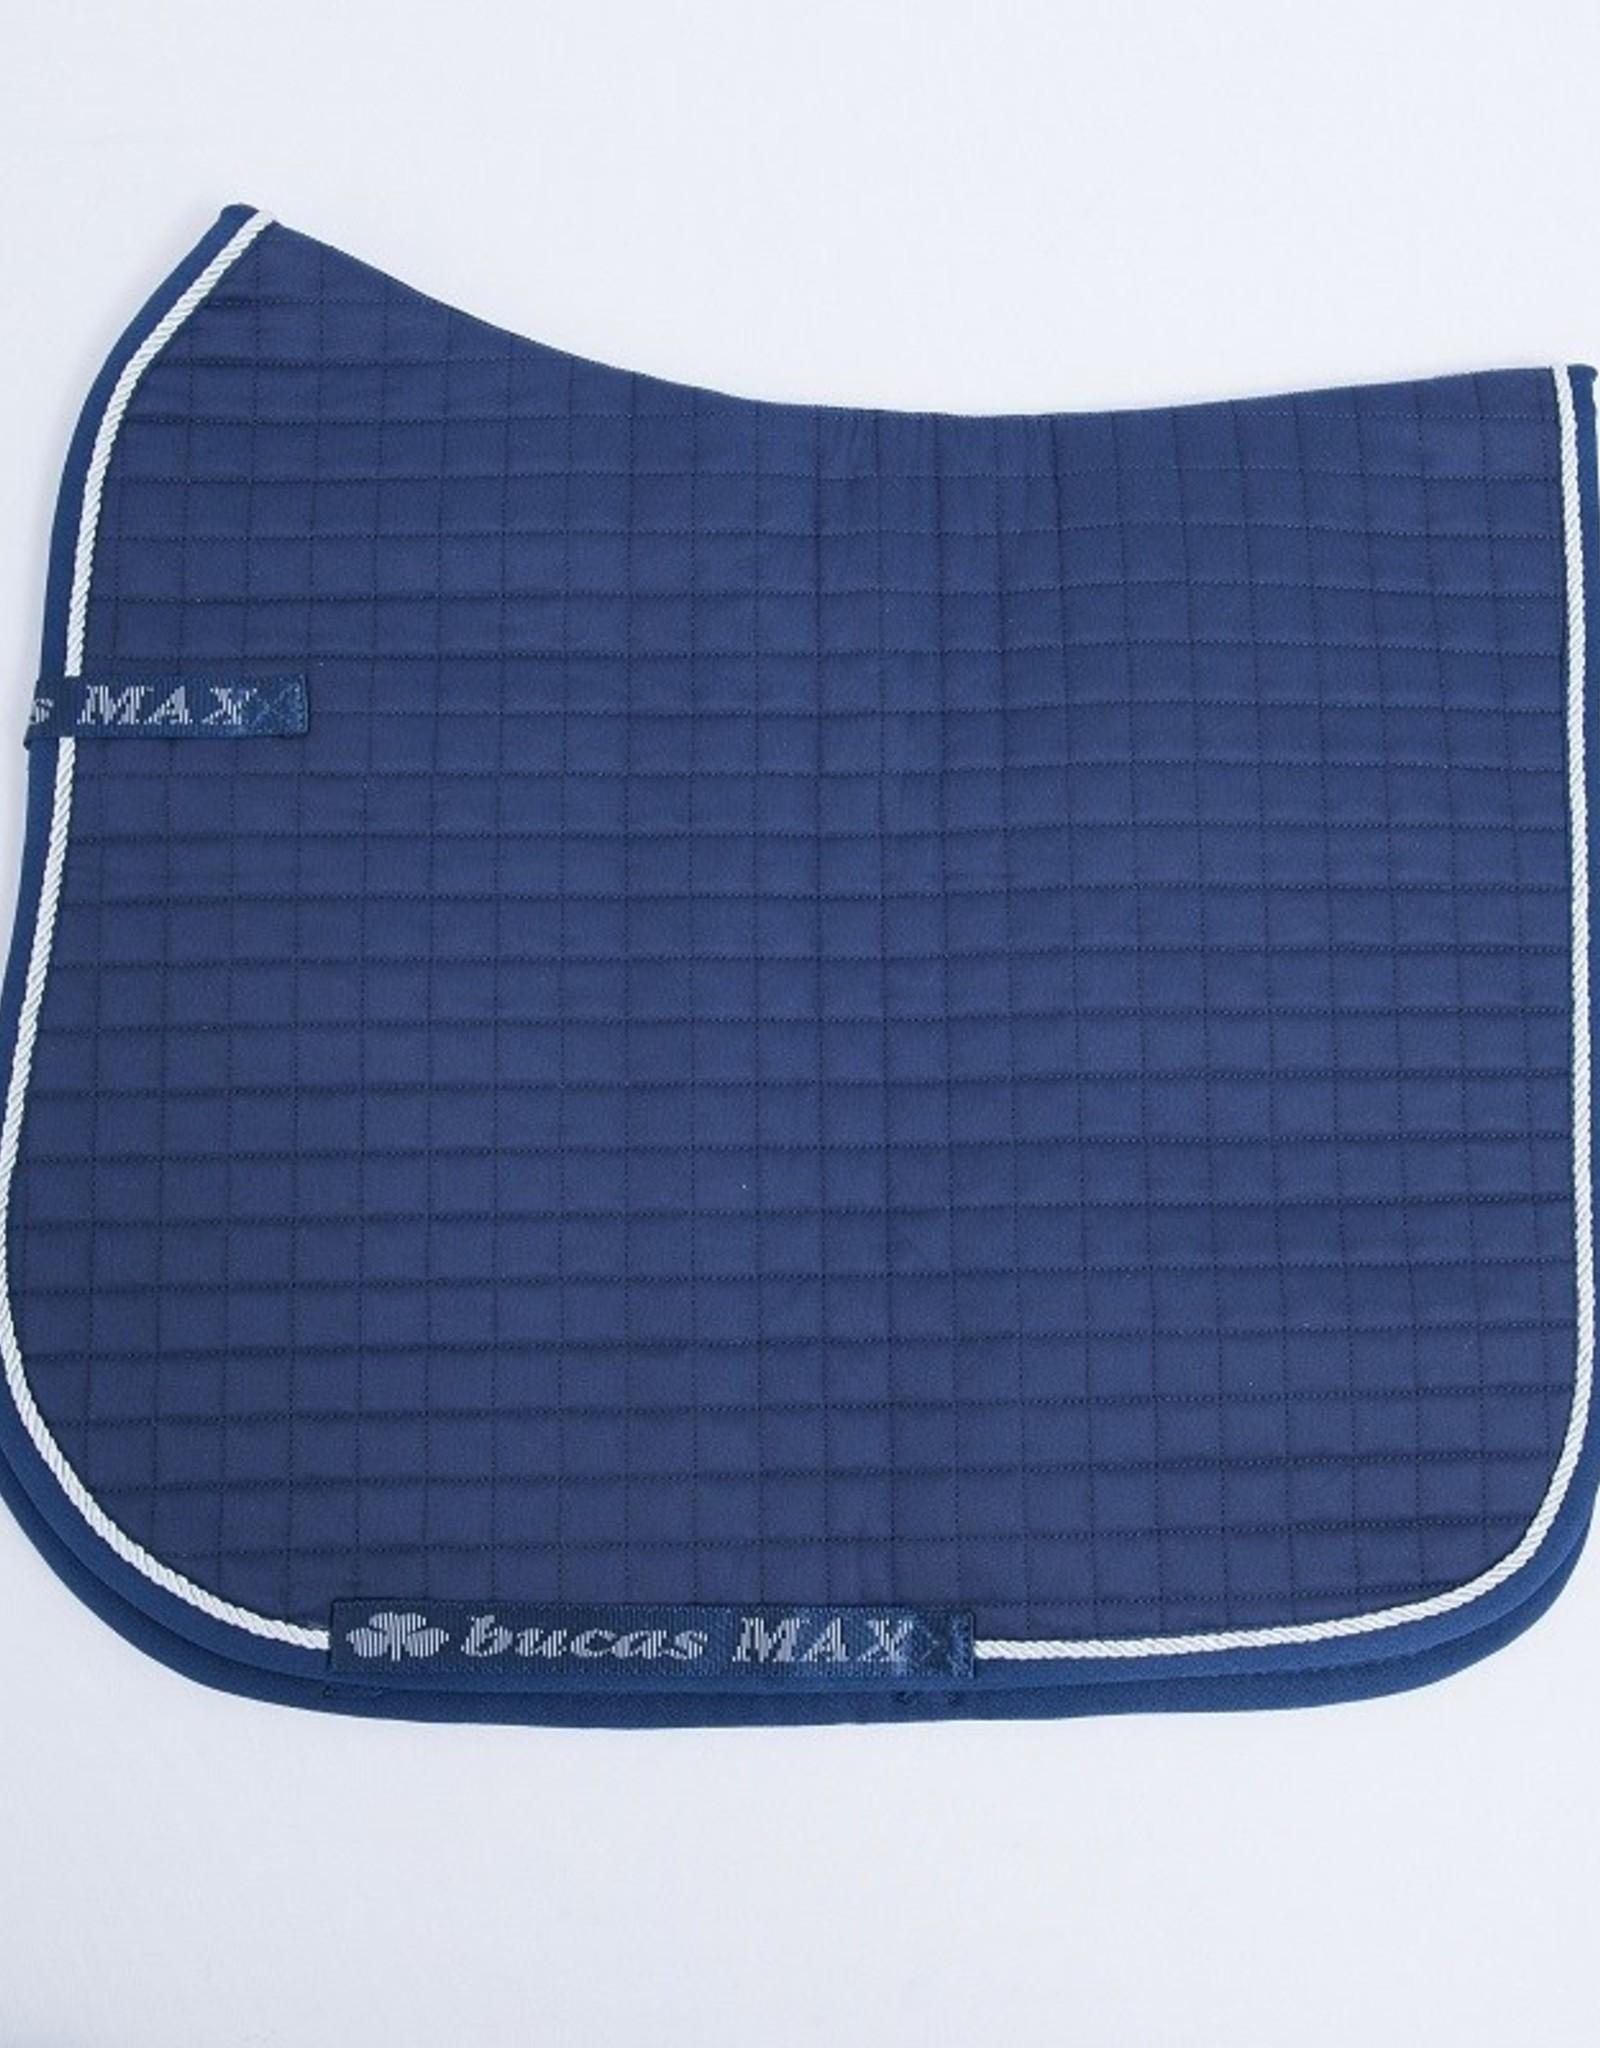 BUCAS  MAX DRESSAGE PAD